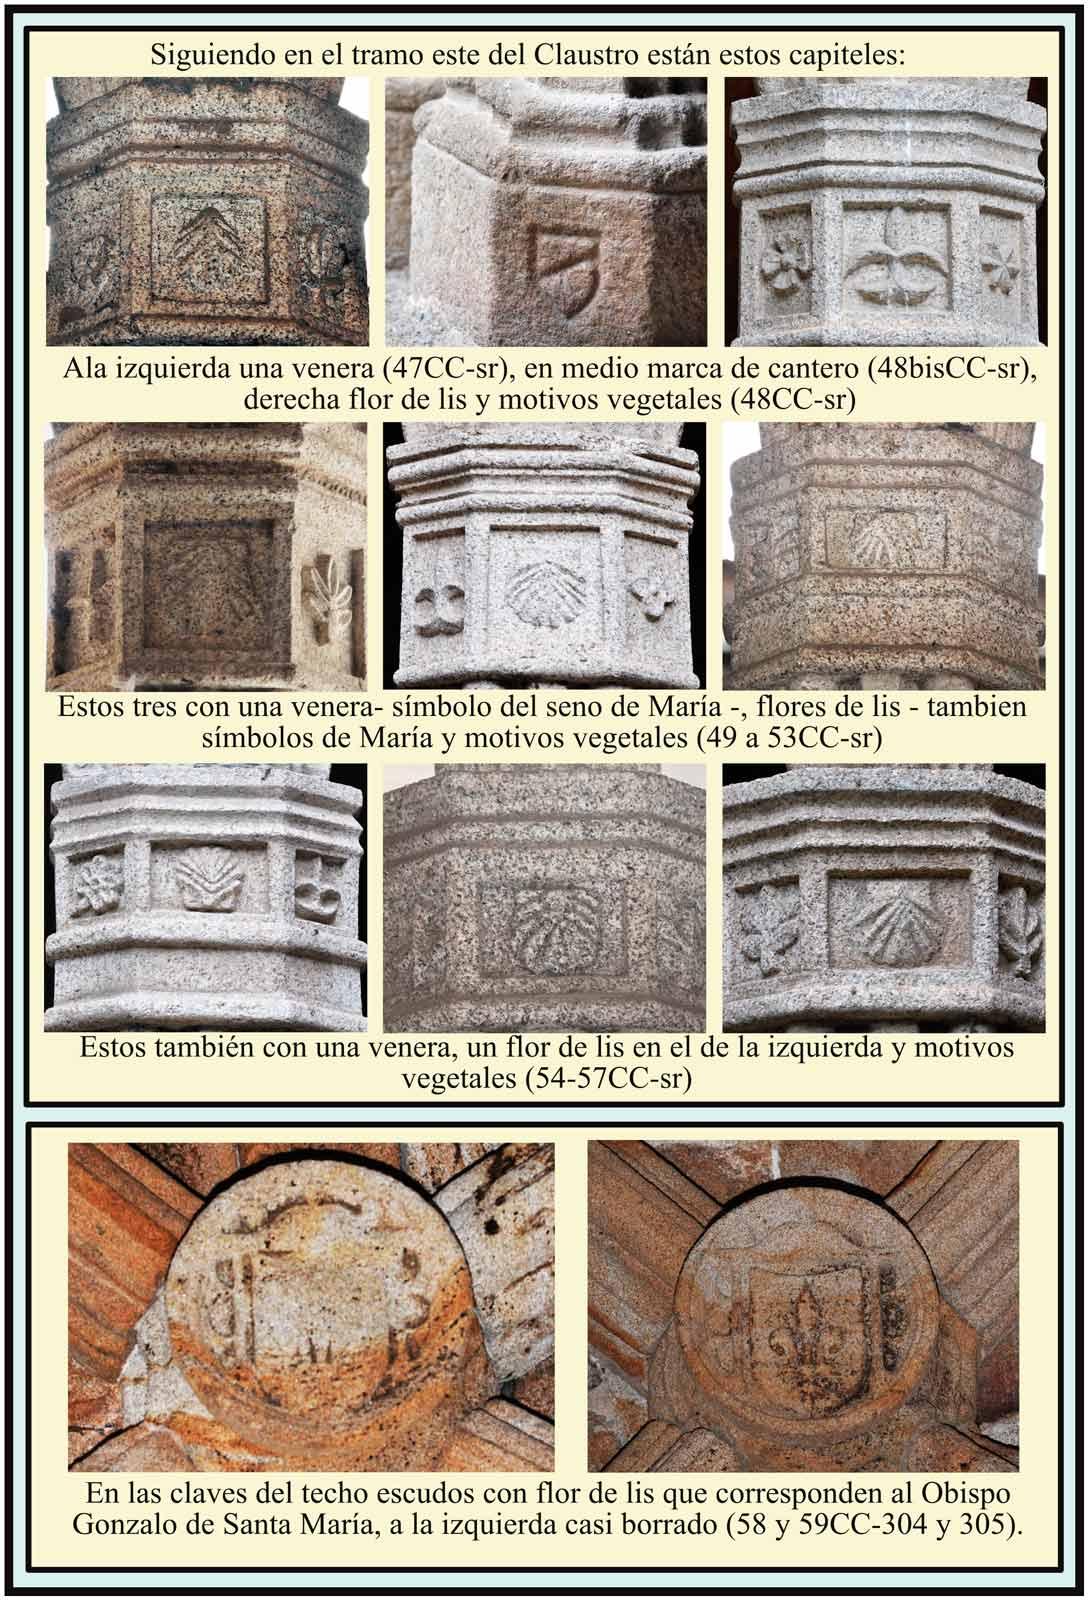 Clasutro Catedral Vieja Escudos de Gonzalo de Santa María Lis